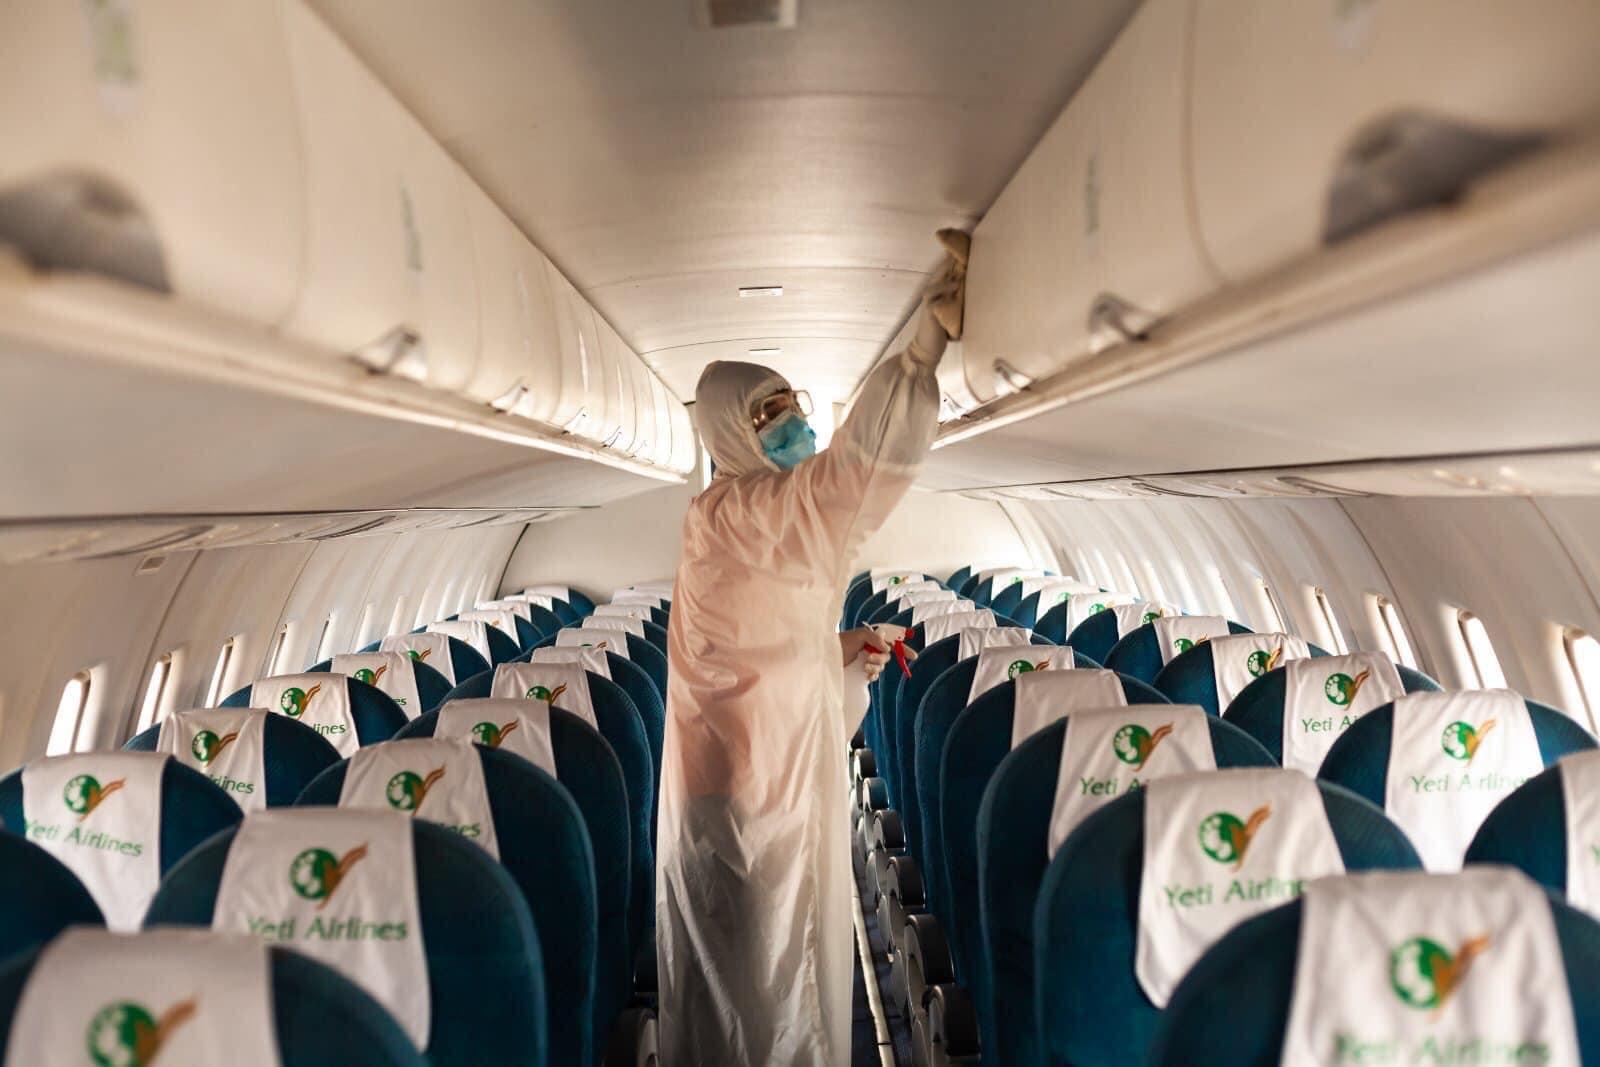 कोरोना बढेसँगै यती एयरलाइन्सद्वारा स्वास्थ्य मापदण्डमा कडाइ